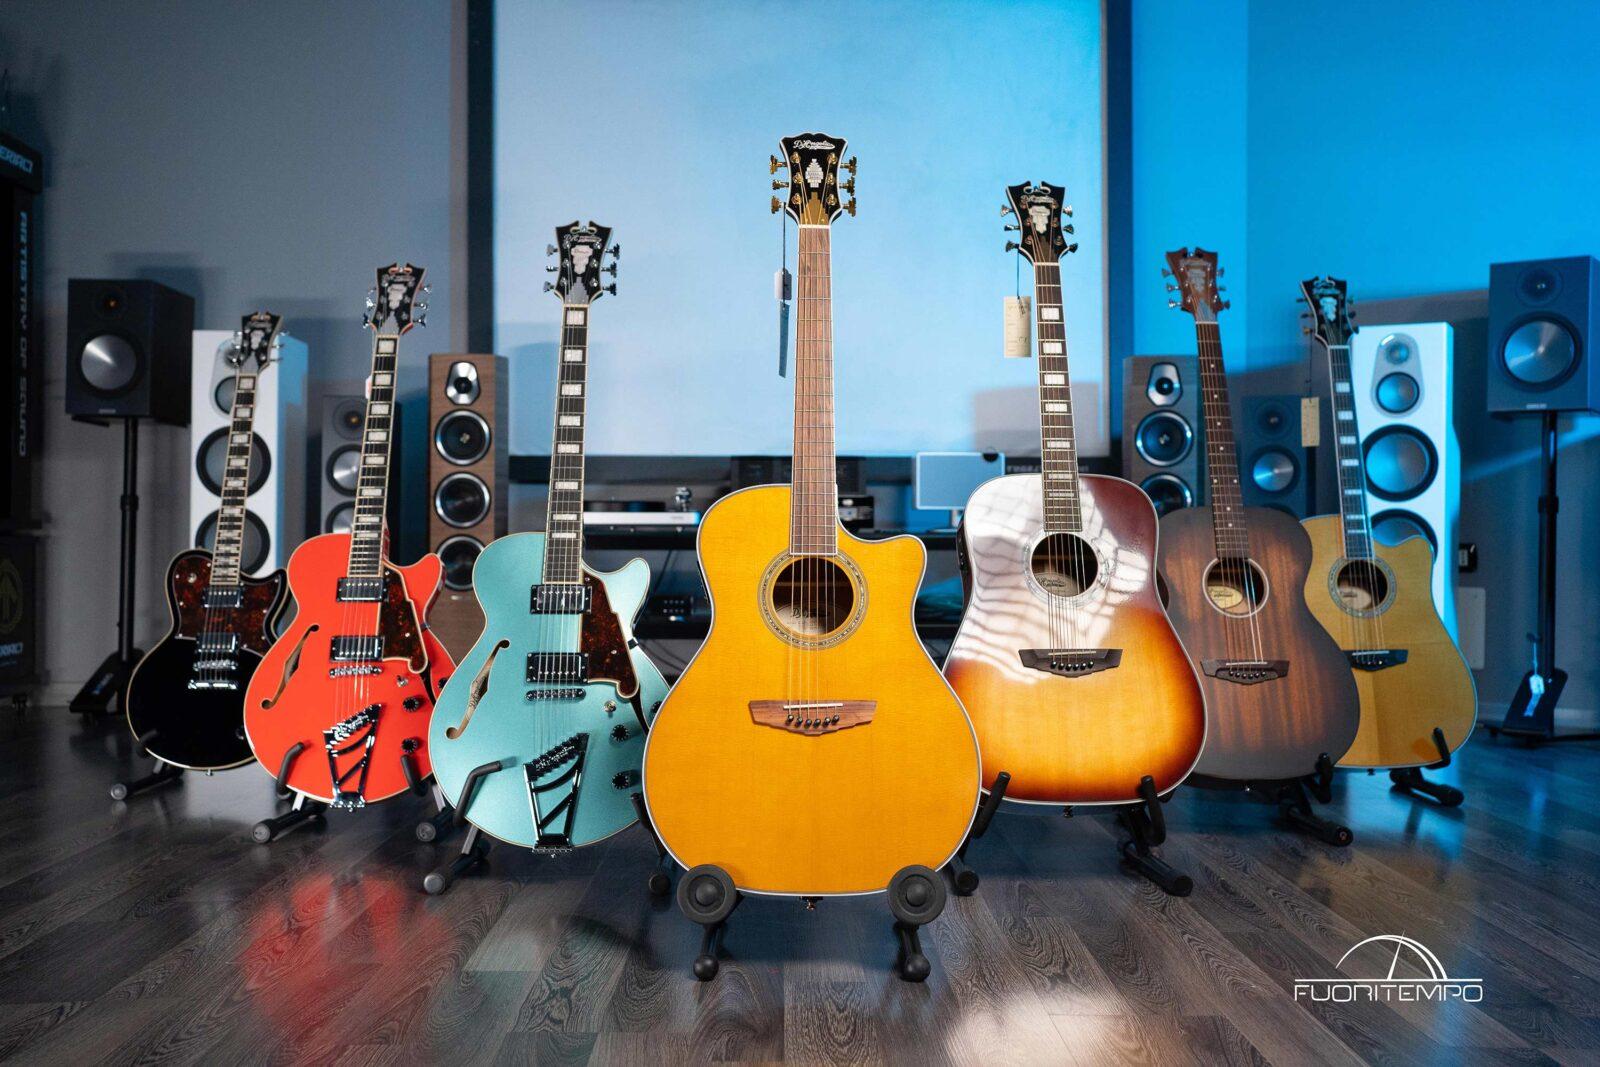 chitarre-dangelico-sfondo-azzurro